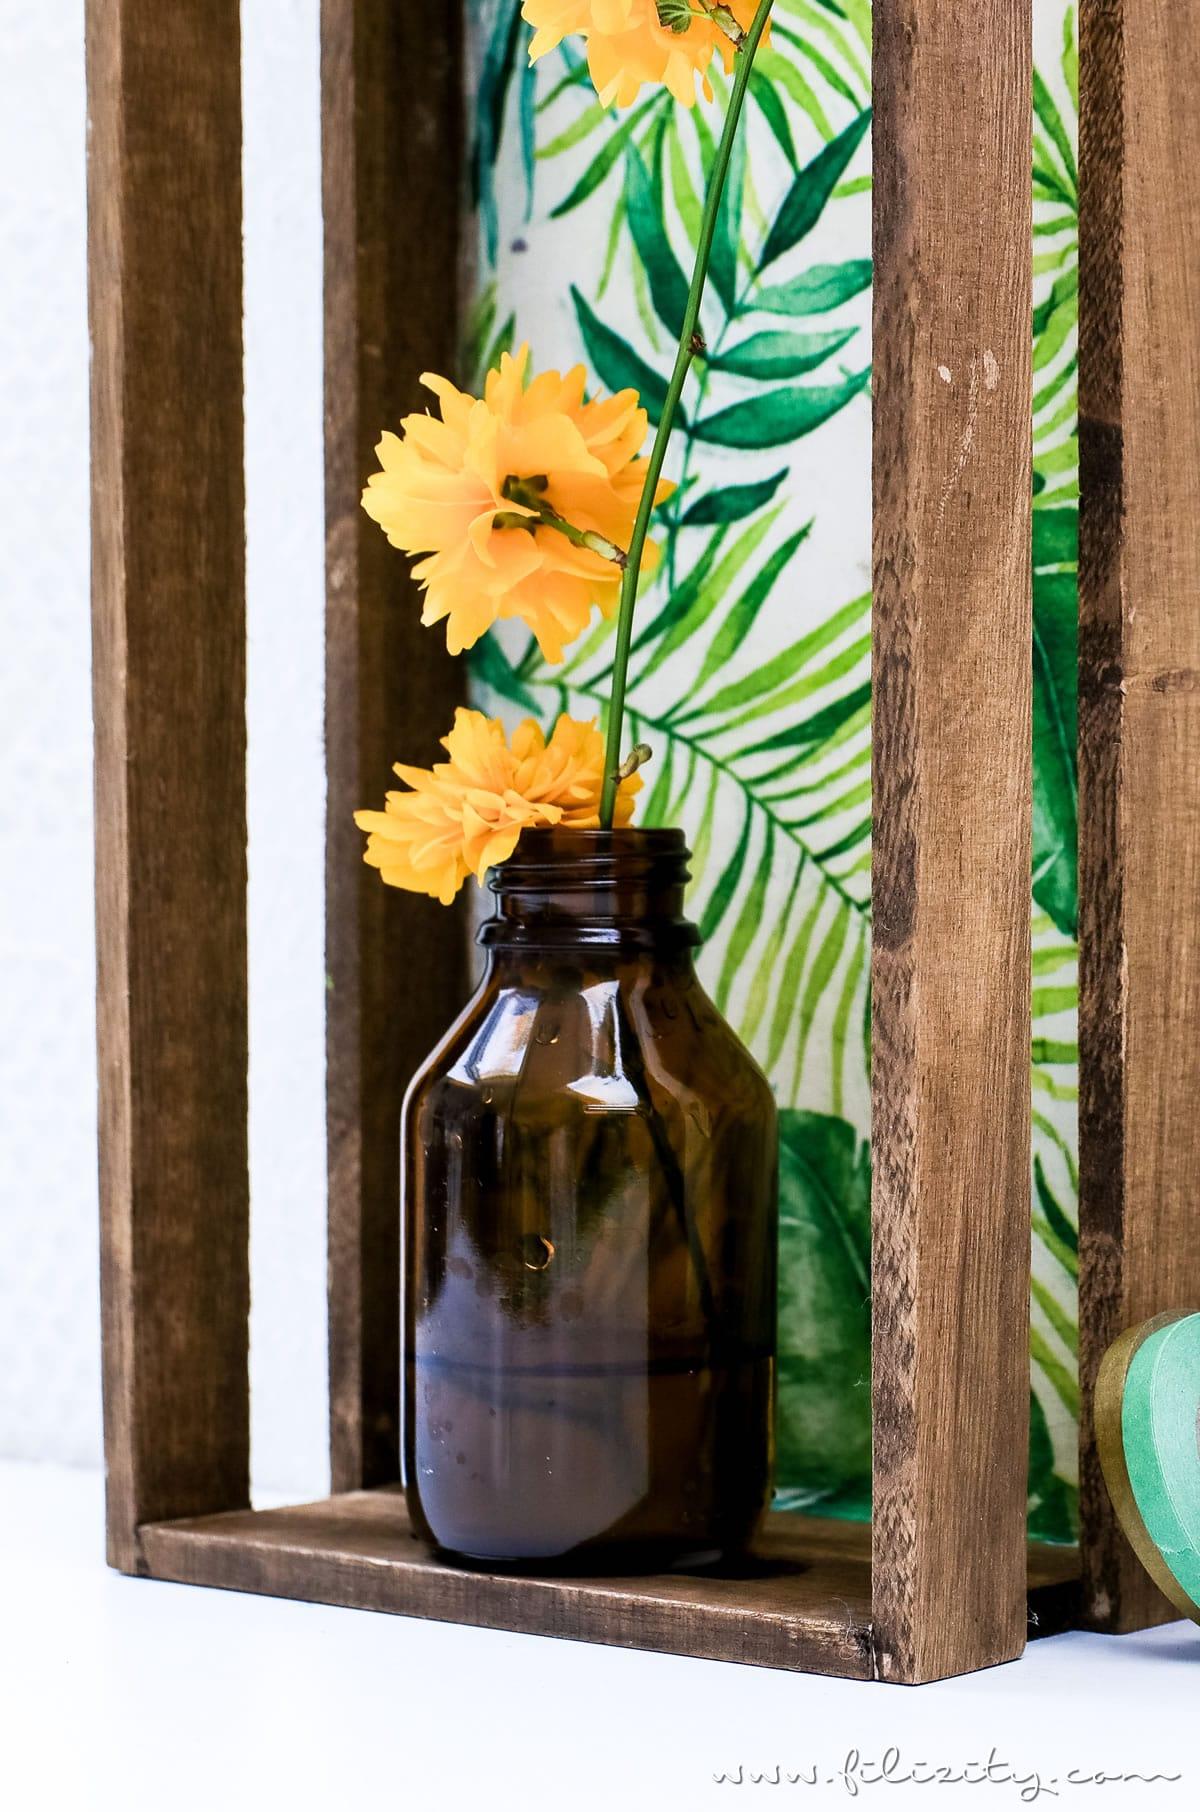 Schöne Upcycling-Idee: DIY Blumenregal / Blumendisplay aus einem Holztablett | Schöne Deko selber machen | Filizity.com | Interior- & DIY-Blog aus dem Rheinland #upcycling #recycling #urbanjungle